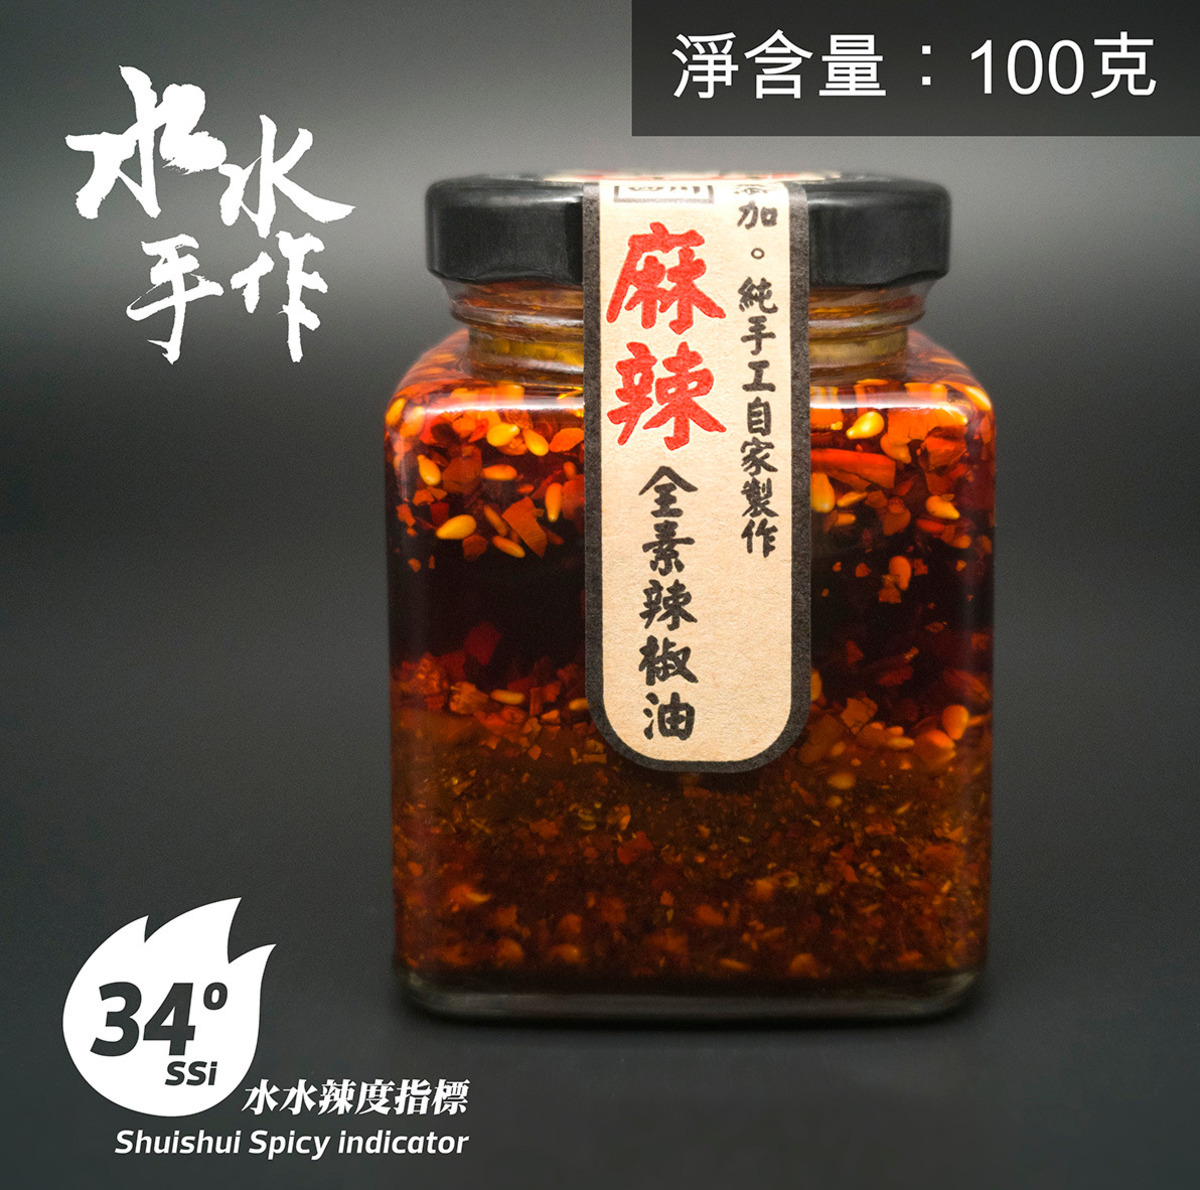 手作四川辣椒油 - 麻辣 - 100g